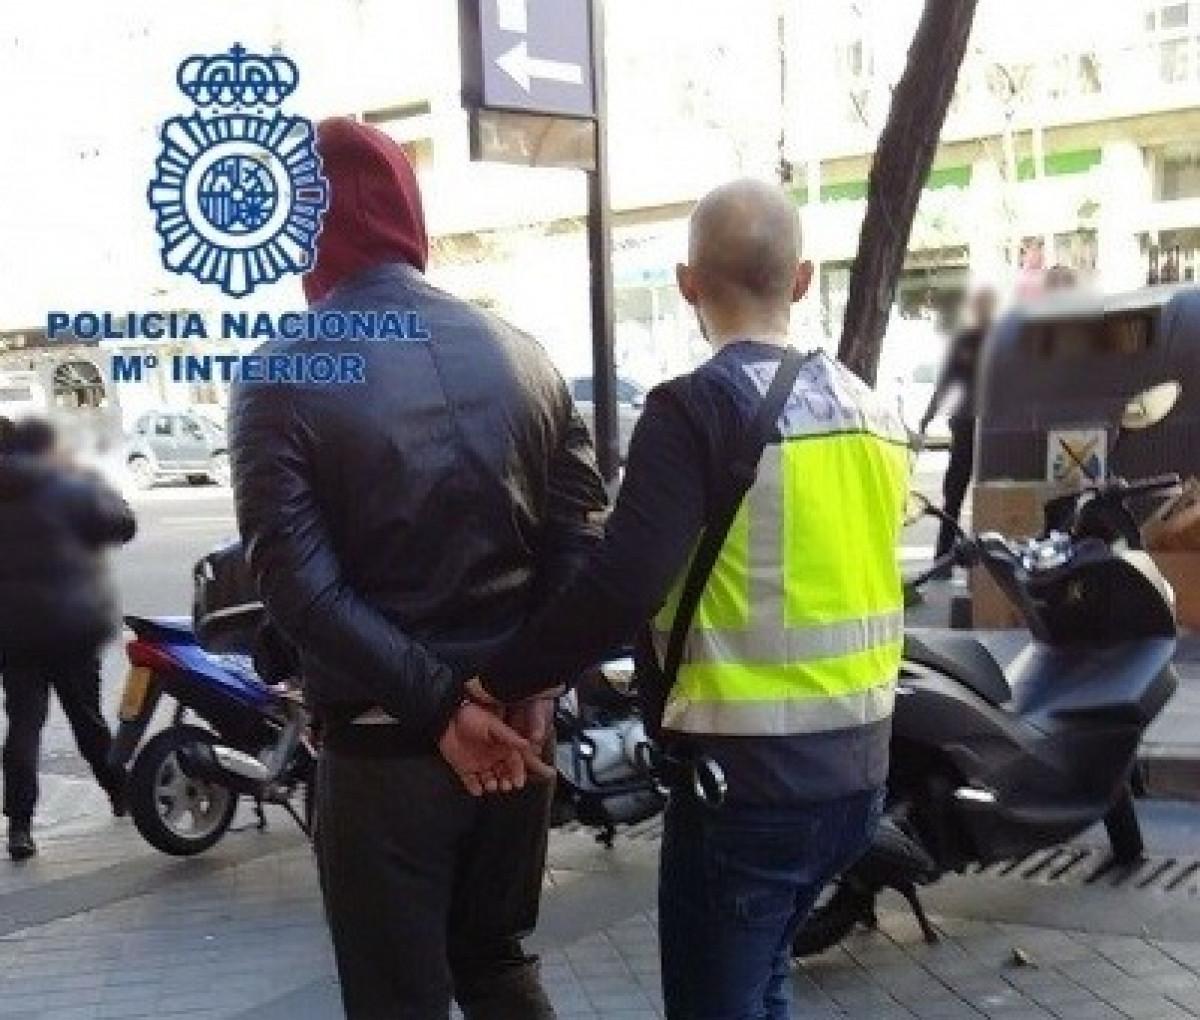 Policia nacional 29032018